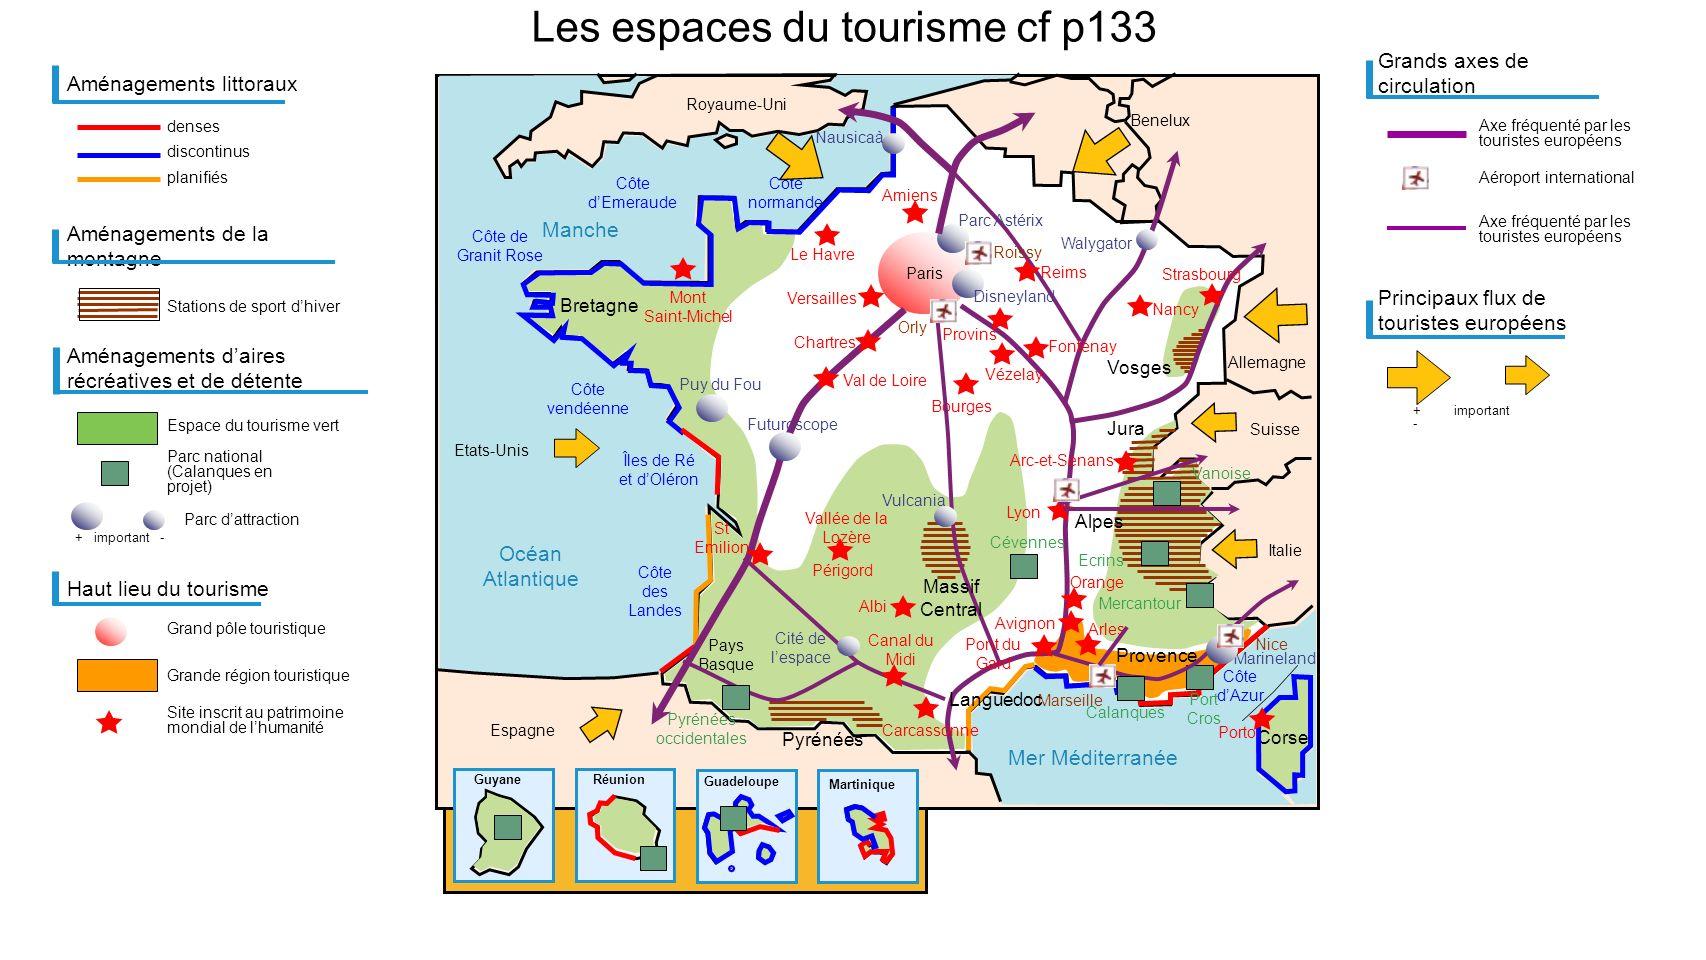 Mer Méditerranée Manche Océan Atlantique Bretagne Les espaces du tourisme cf p133 Vosges Pays Basque Marseille Aménagements littoraux denses planifiés